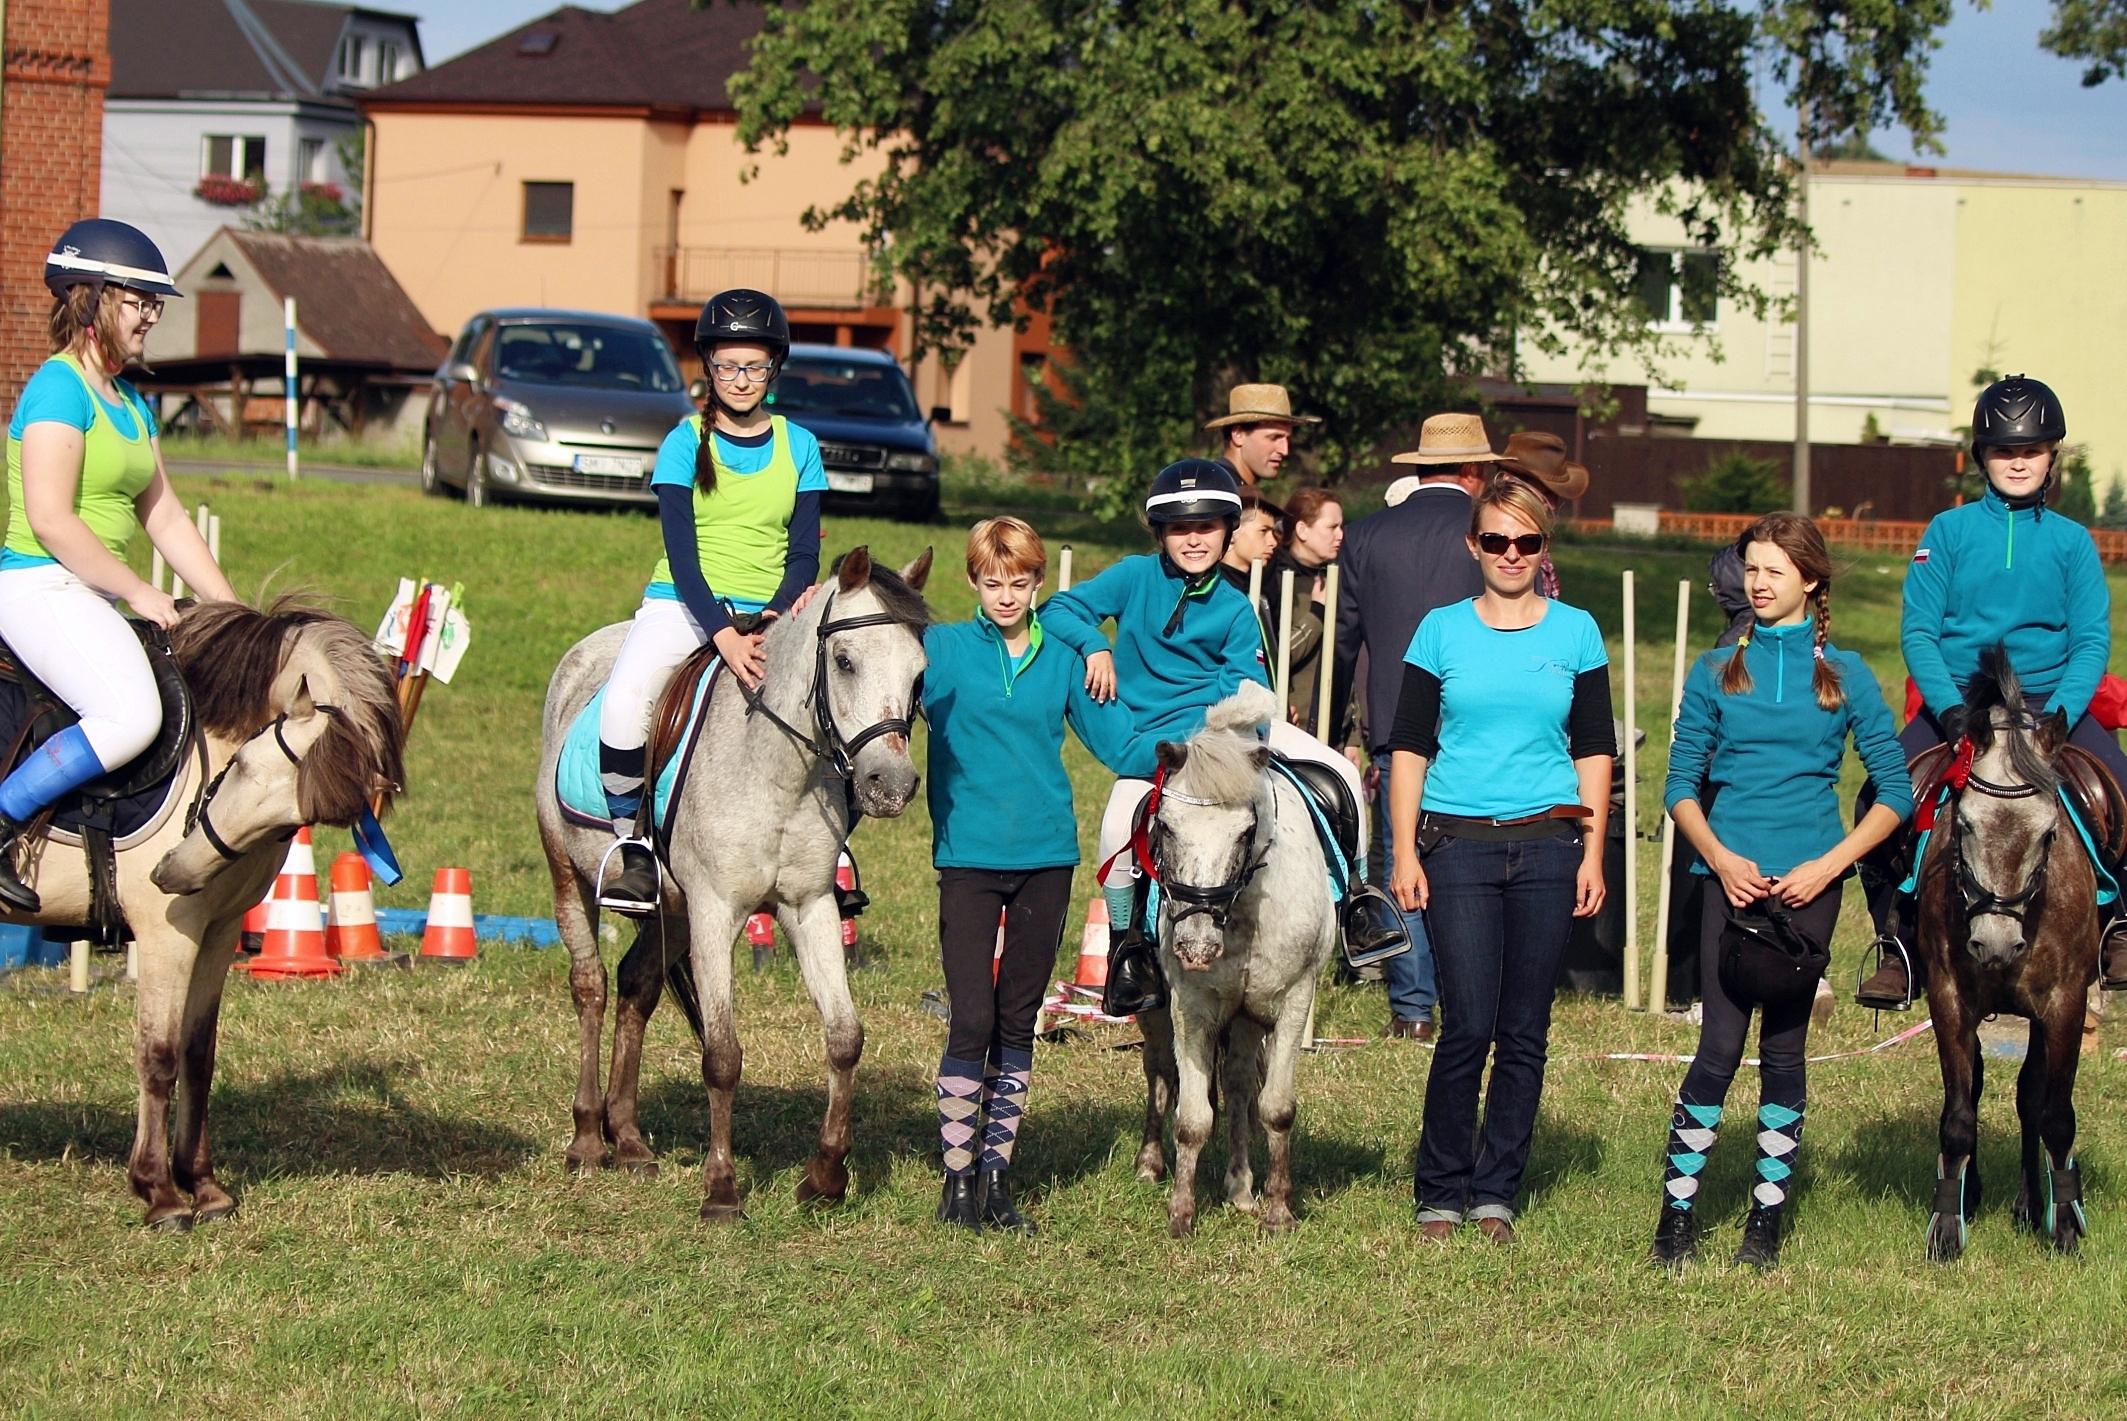 Turniej Pony Games – Koberice Republika Czeska 30.06.2018r.